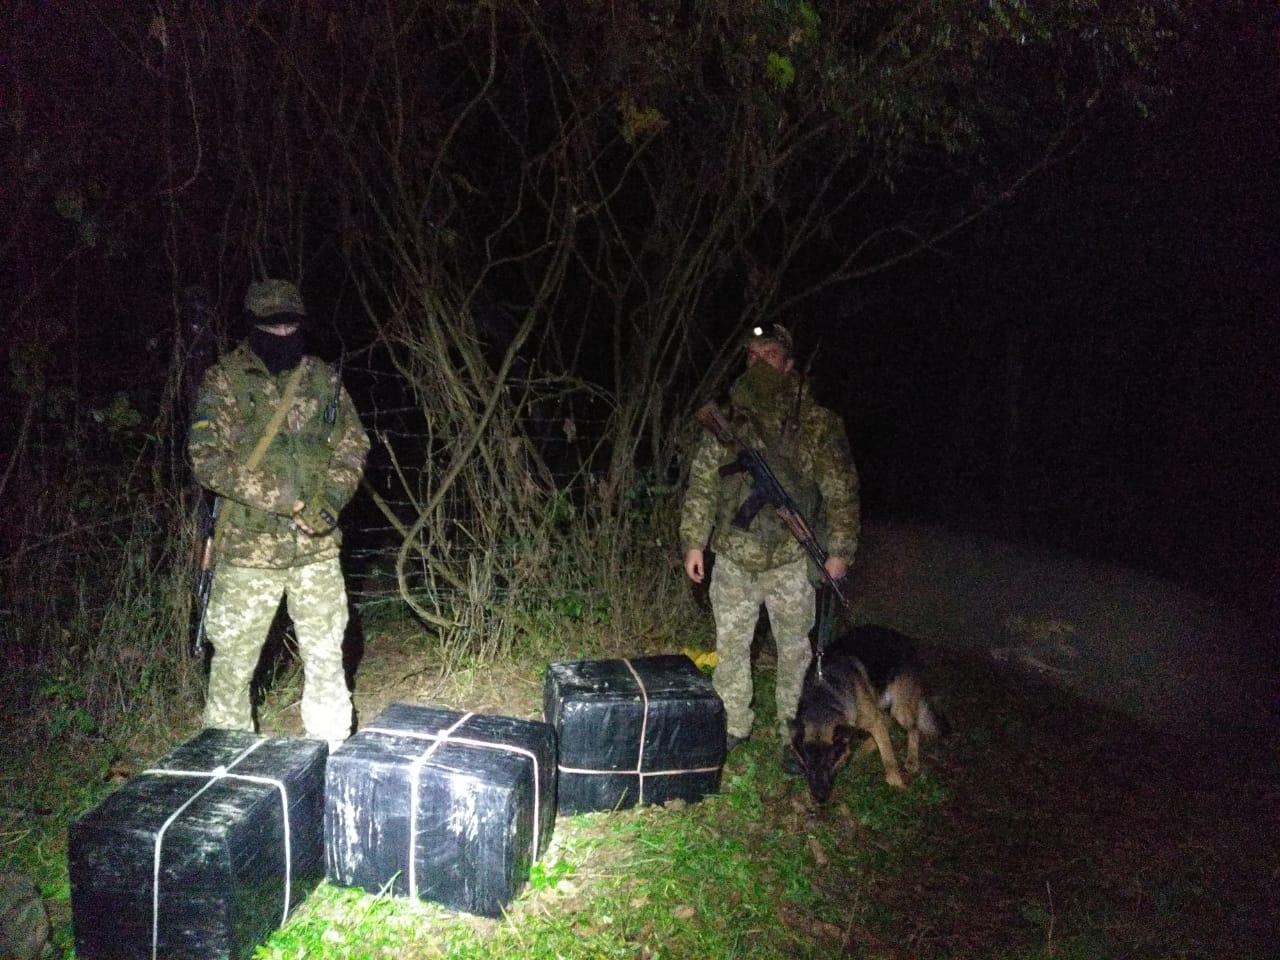 Поблизу кордону з Угорщиною виявили залишені контрабандистами сигарети